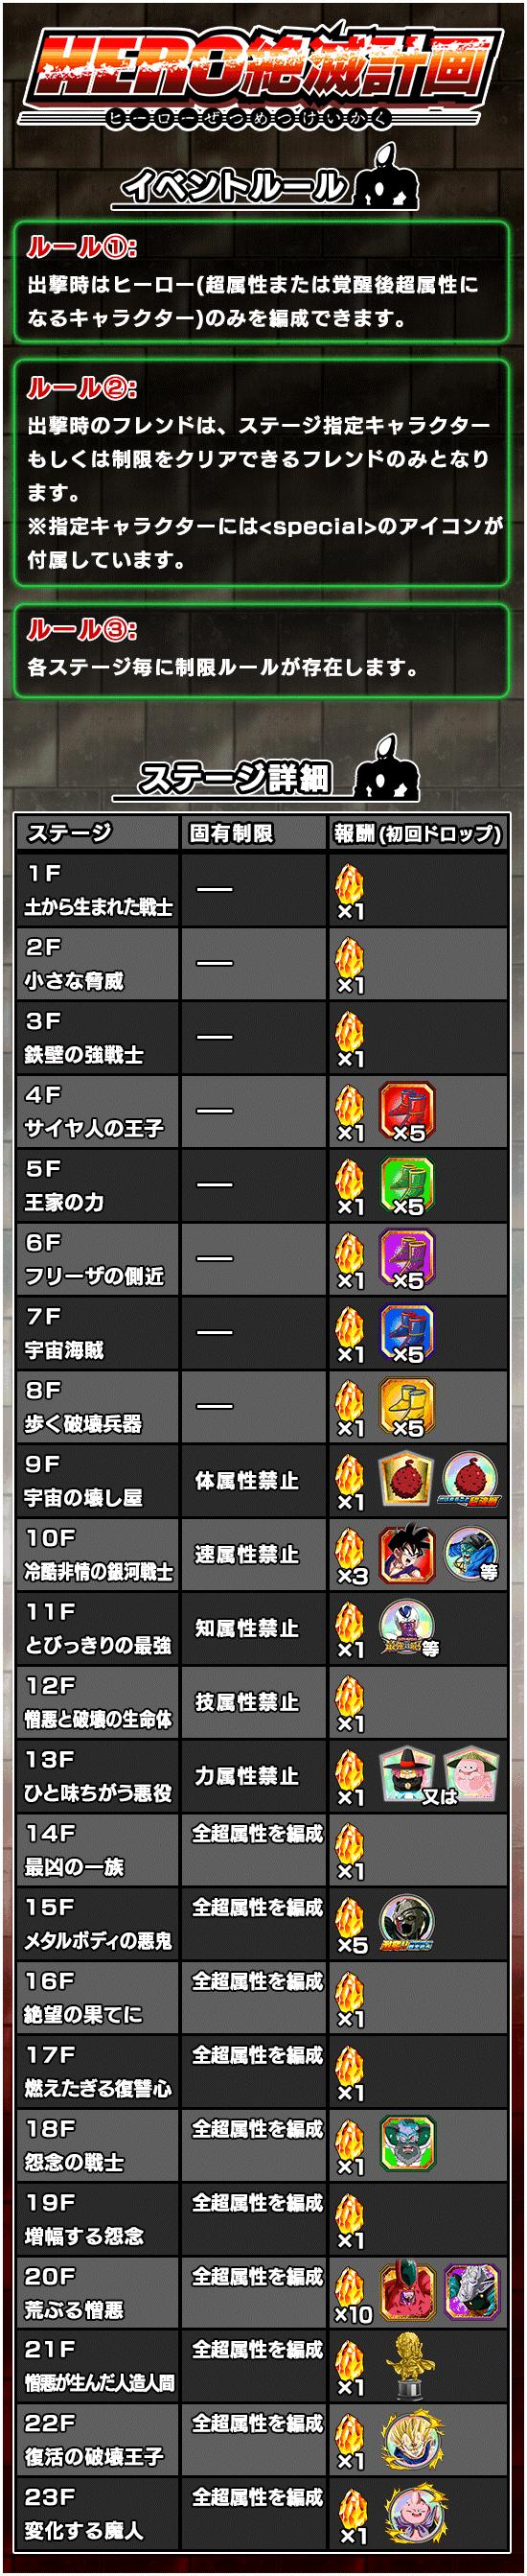 news_banner_event_319_A_5_1